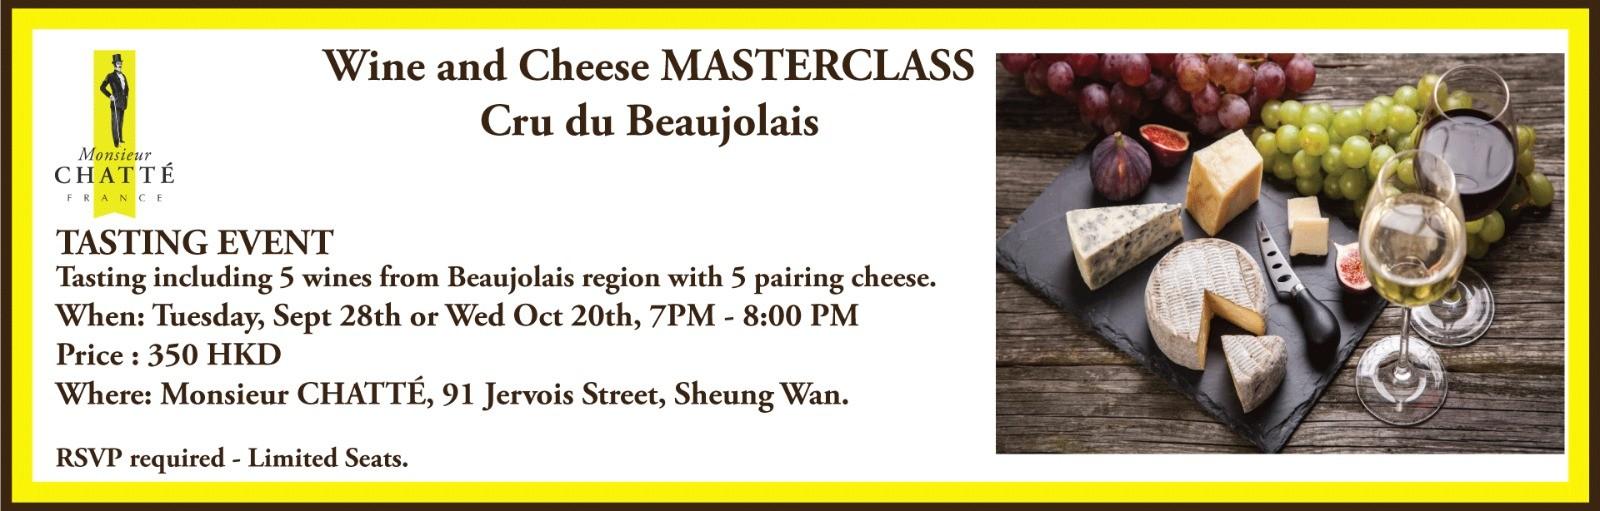 WINE & CHEESE PAIRING MASTERCLASS CRUS DU BEAUJOLAIS